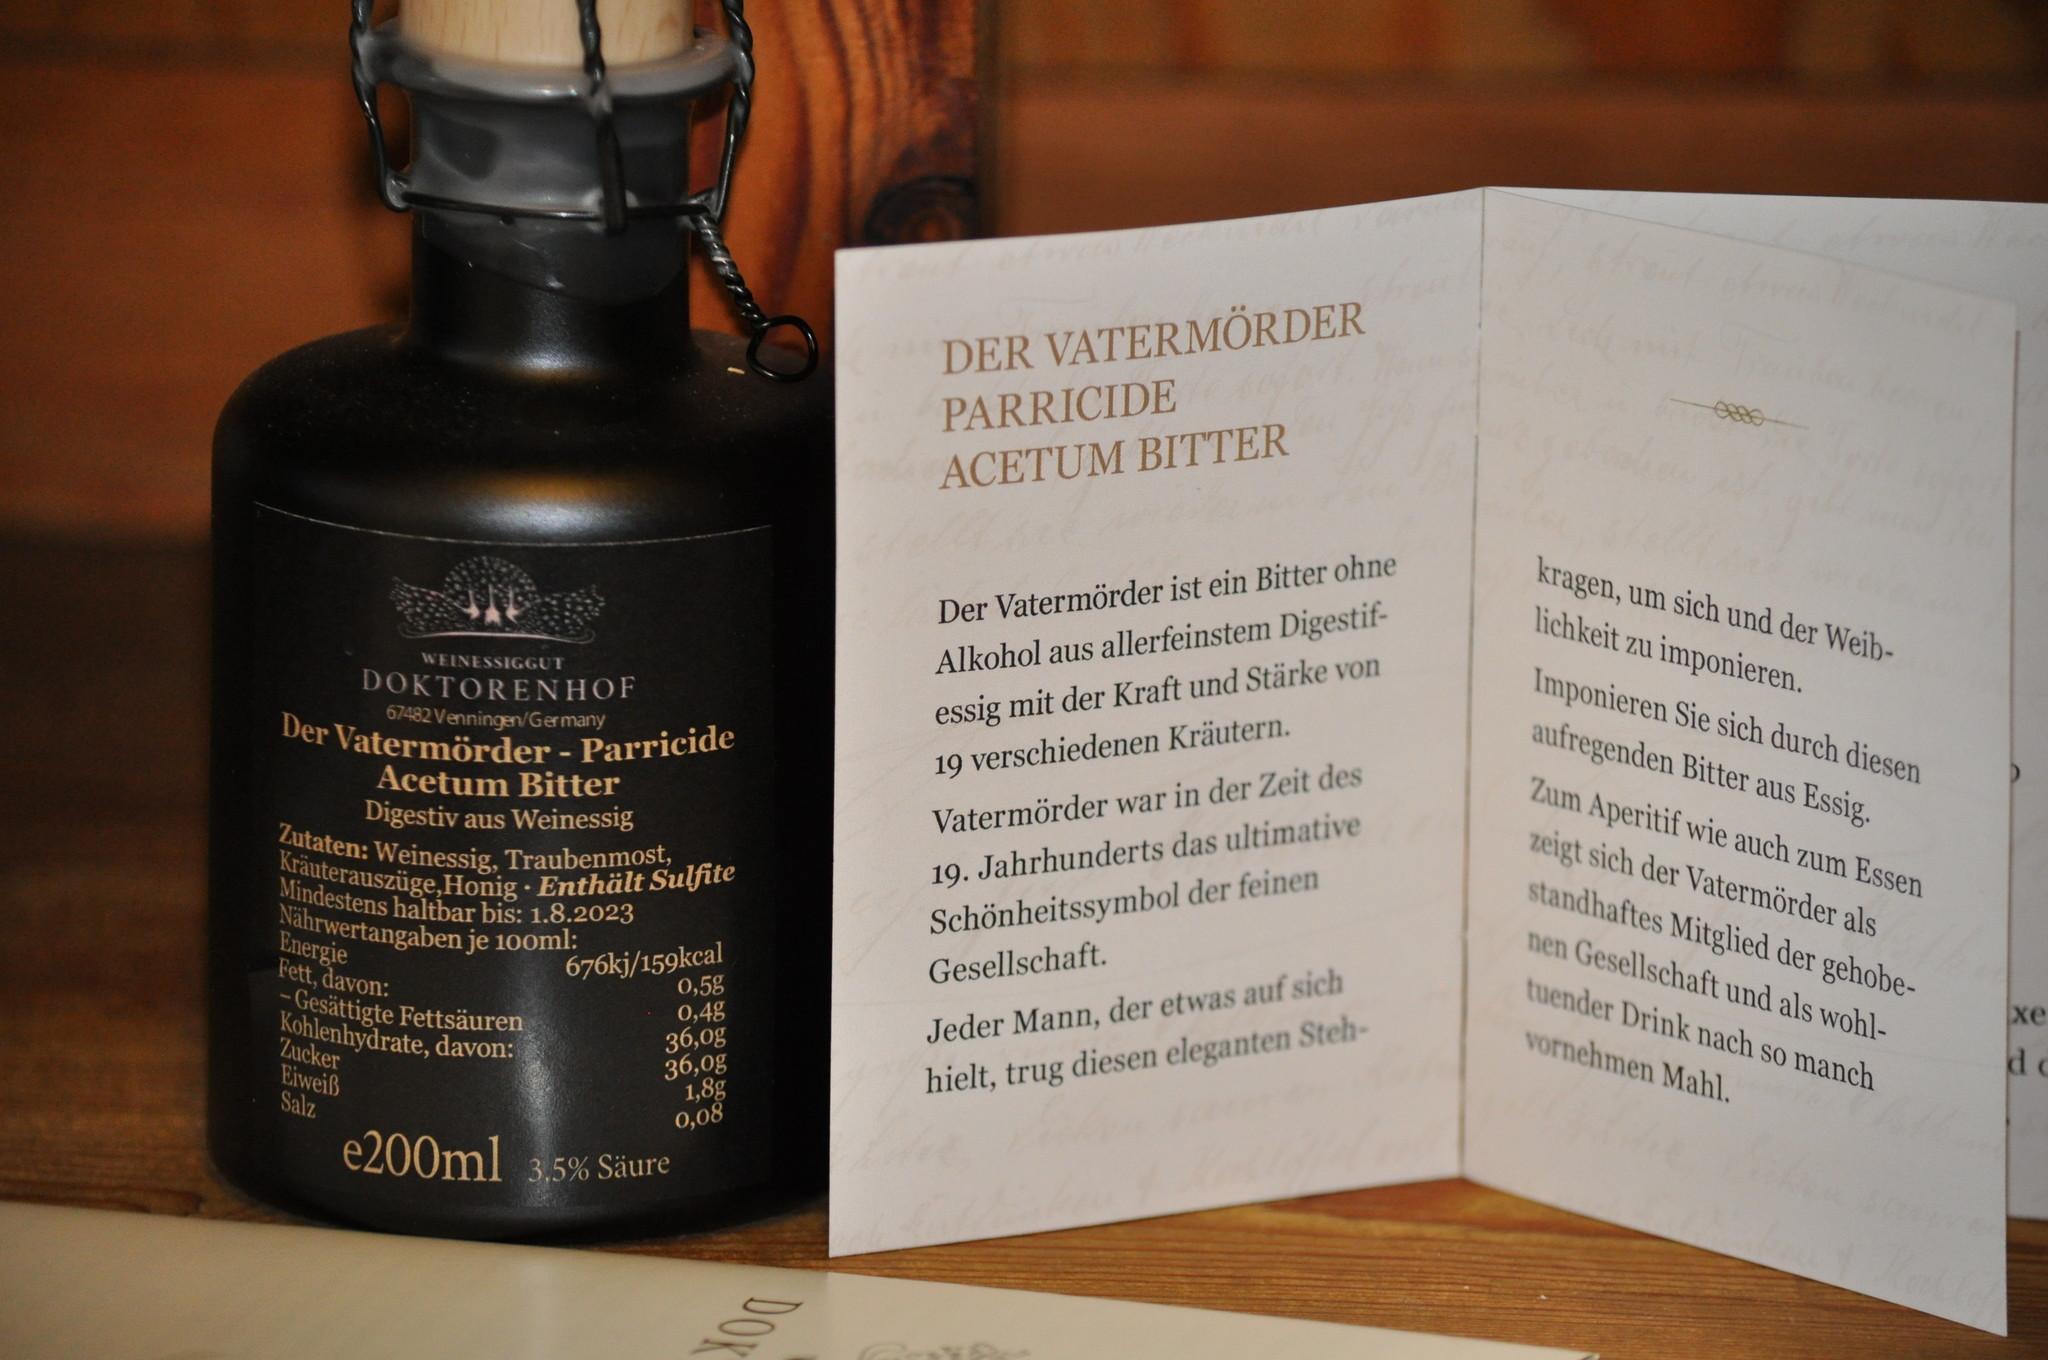 Doktorenhof Vatermörder Digestif aus Weinessig Acetum Bitter